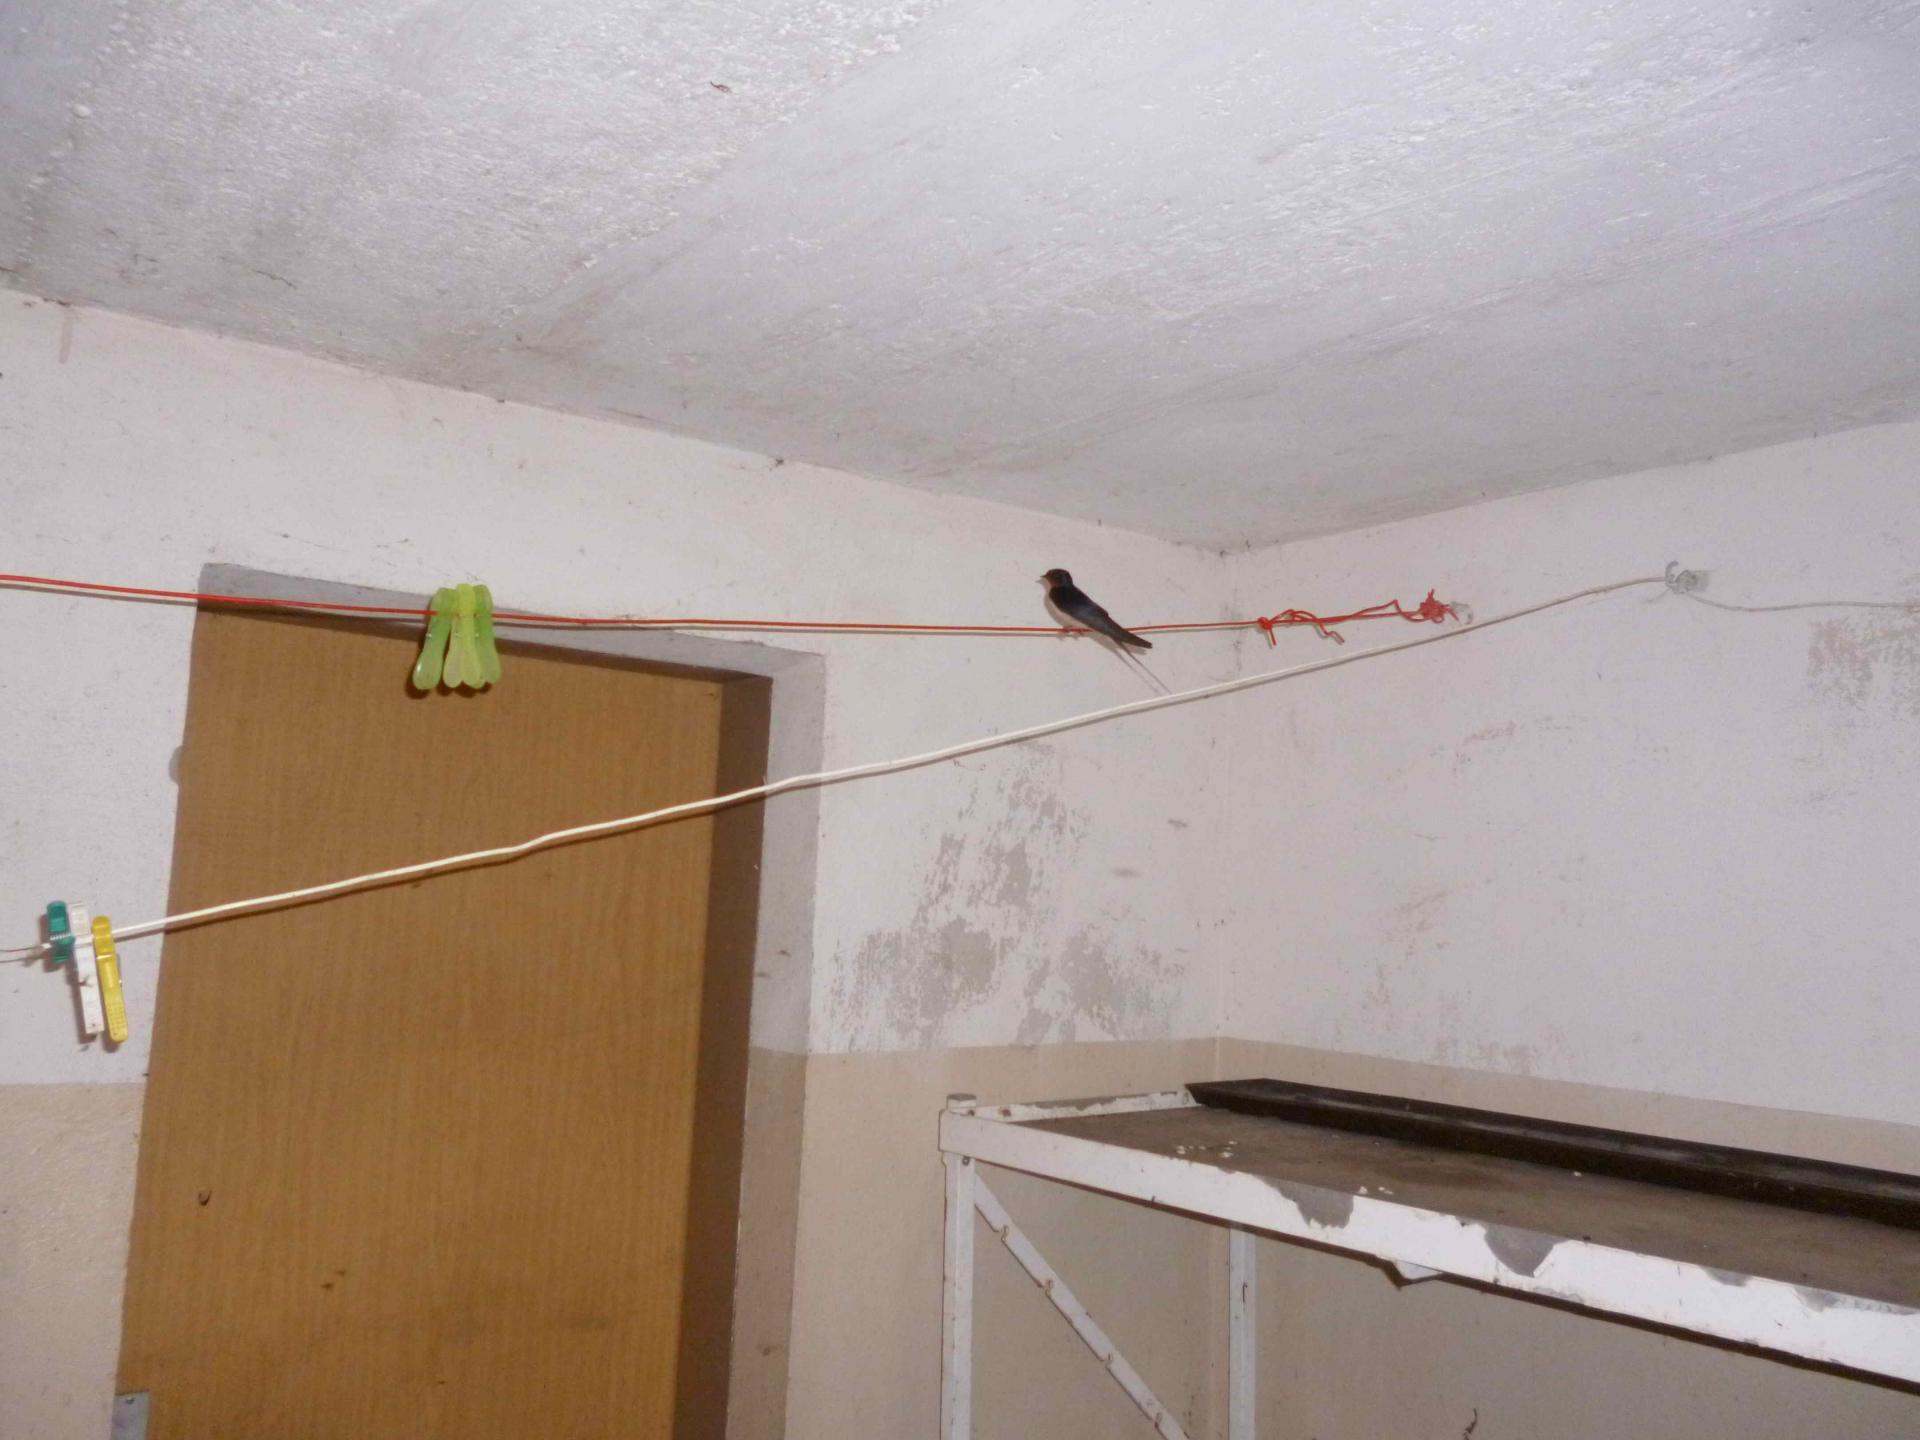 Vogelvater auf der Wäscheleine